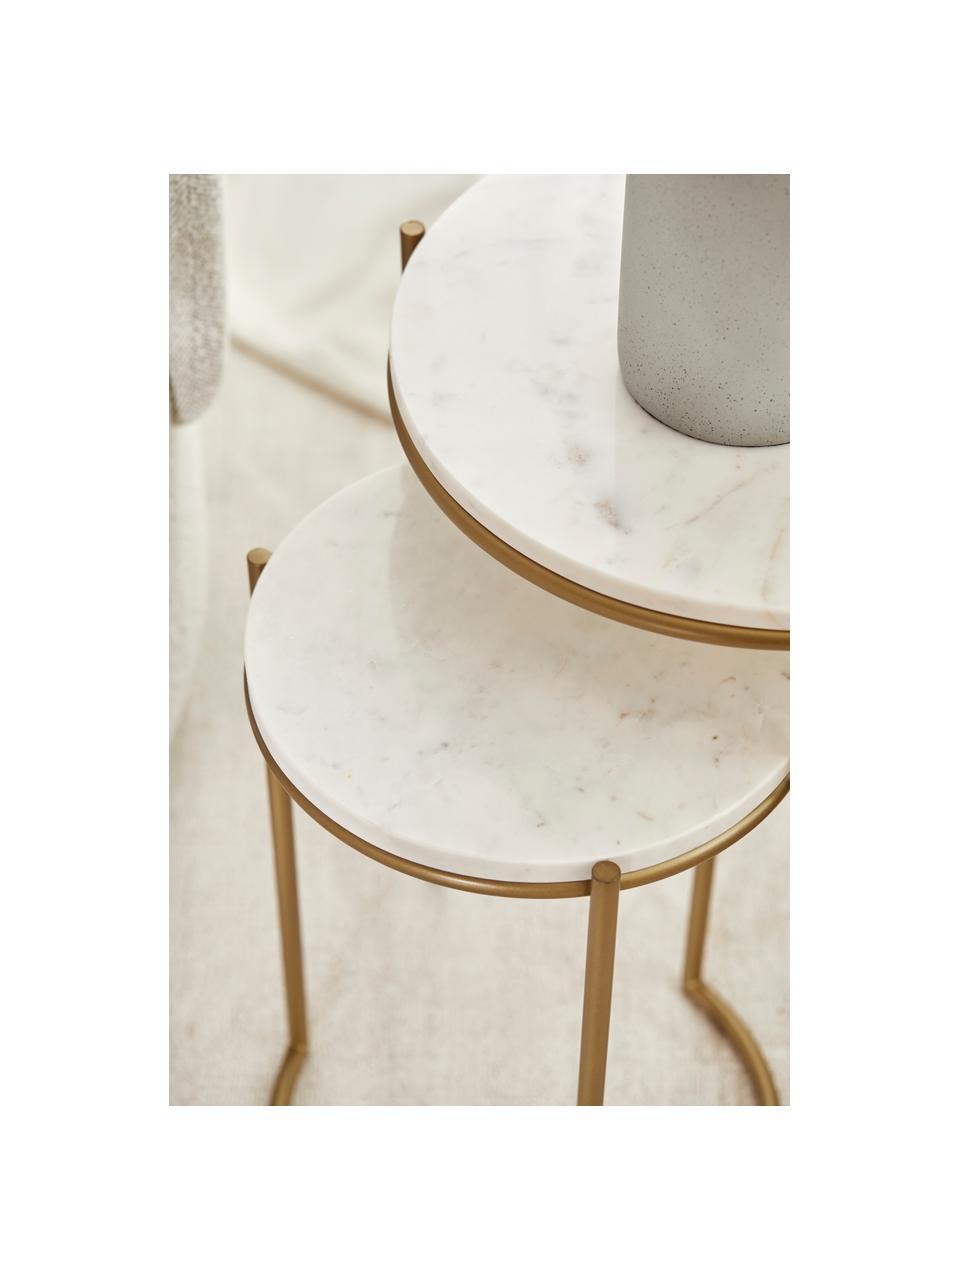 Komplet stolików pomocniczych z marmuru Ella, 2 elem., Biały marmur, odcienie złotego, Komplet z różnymi rozmiarami